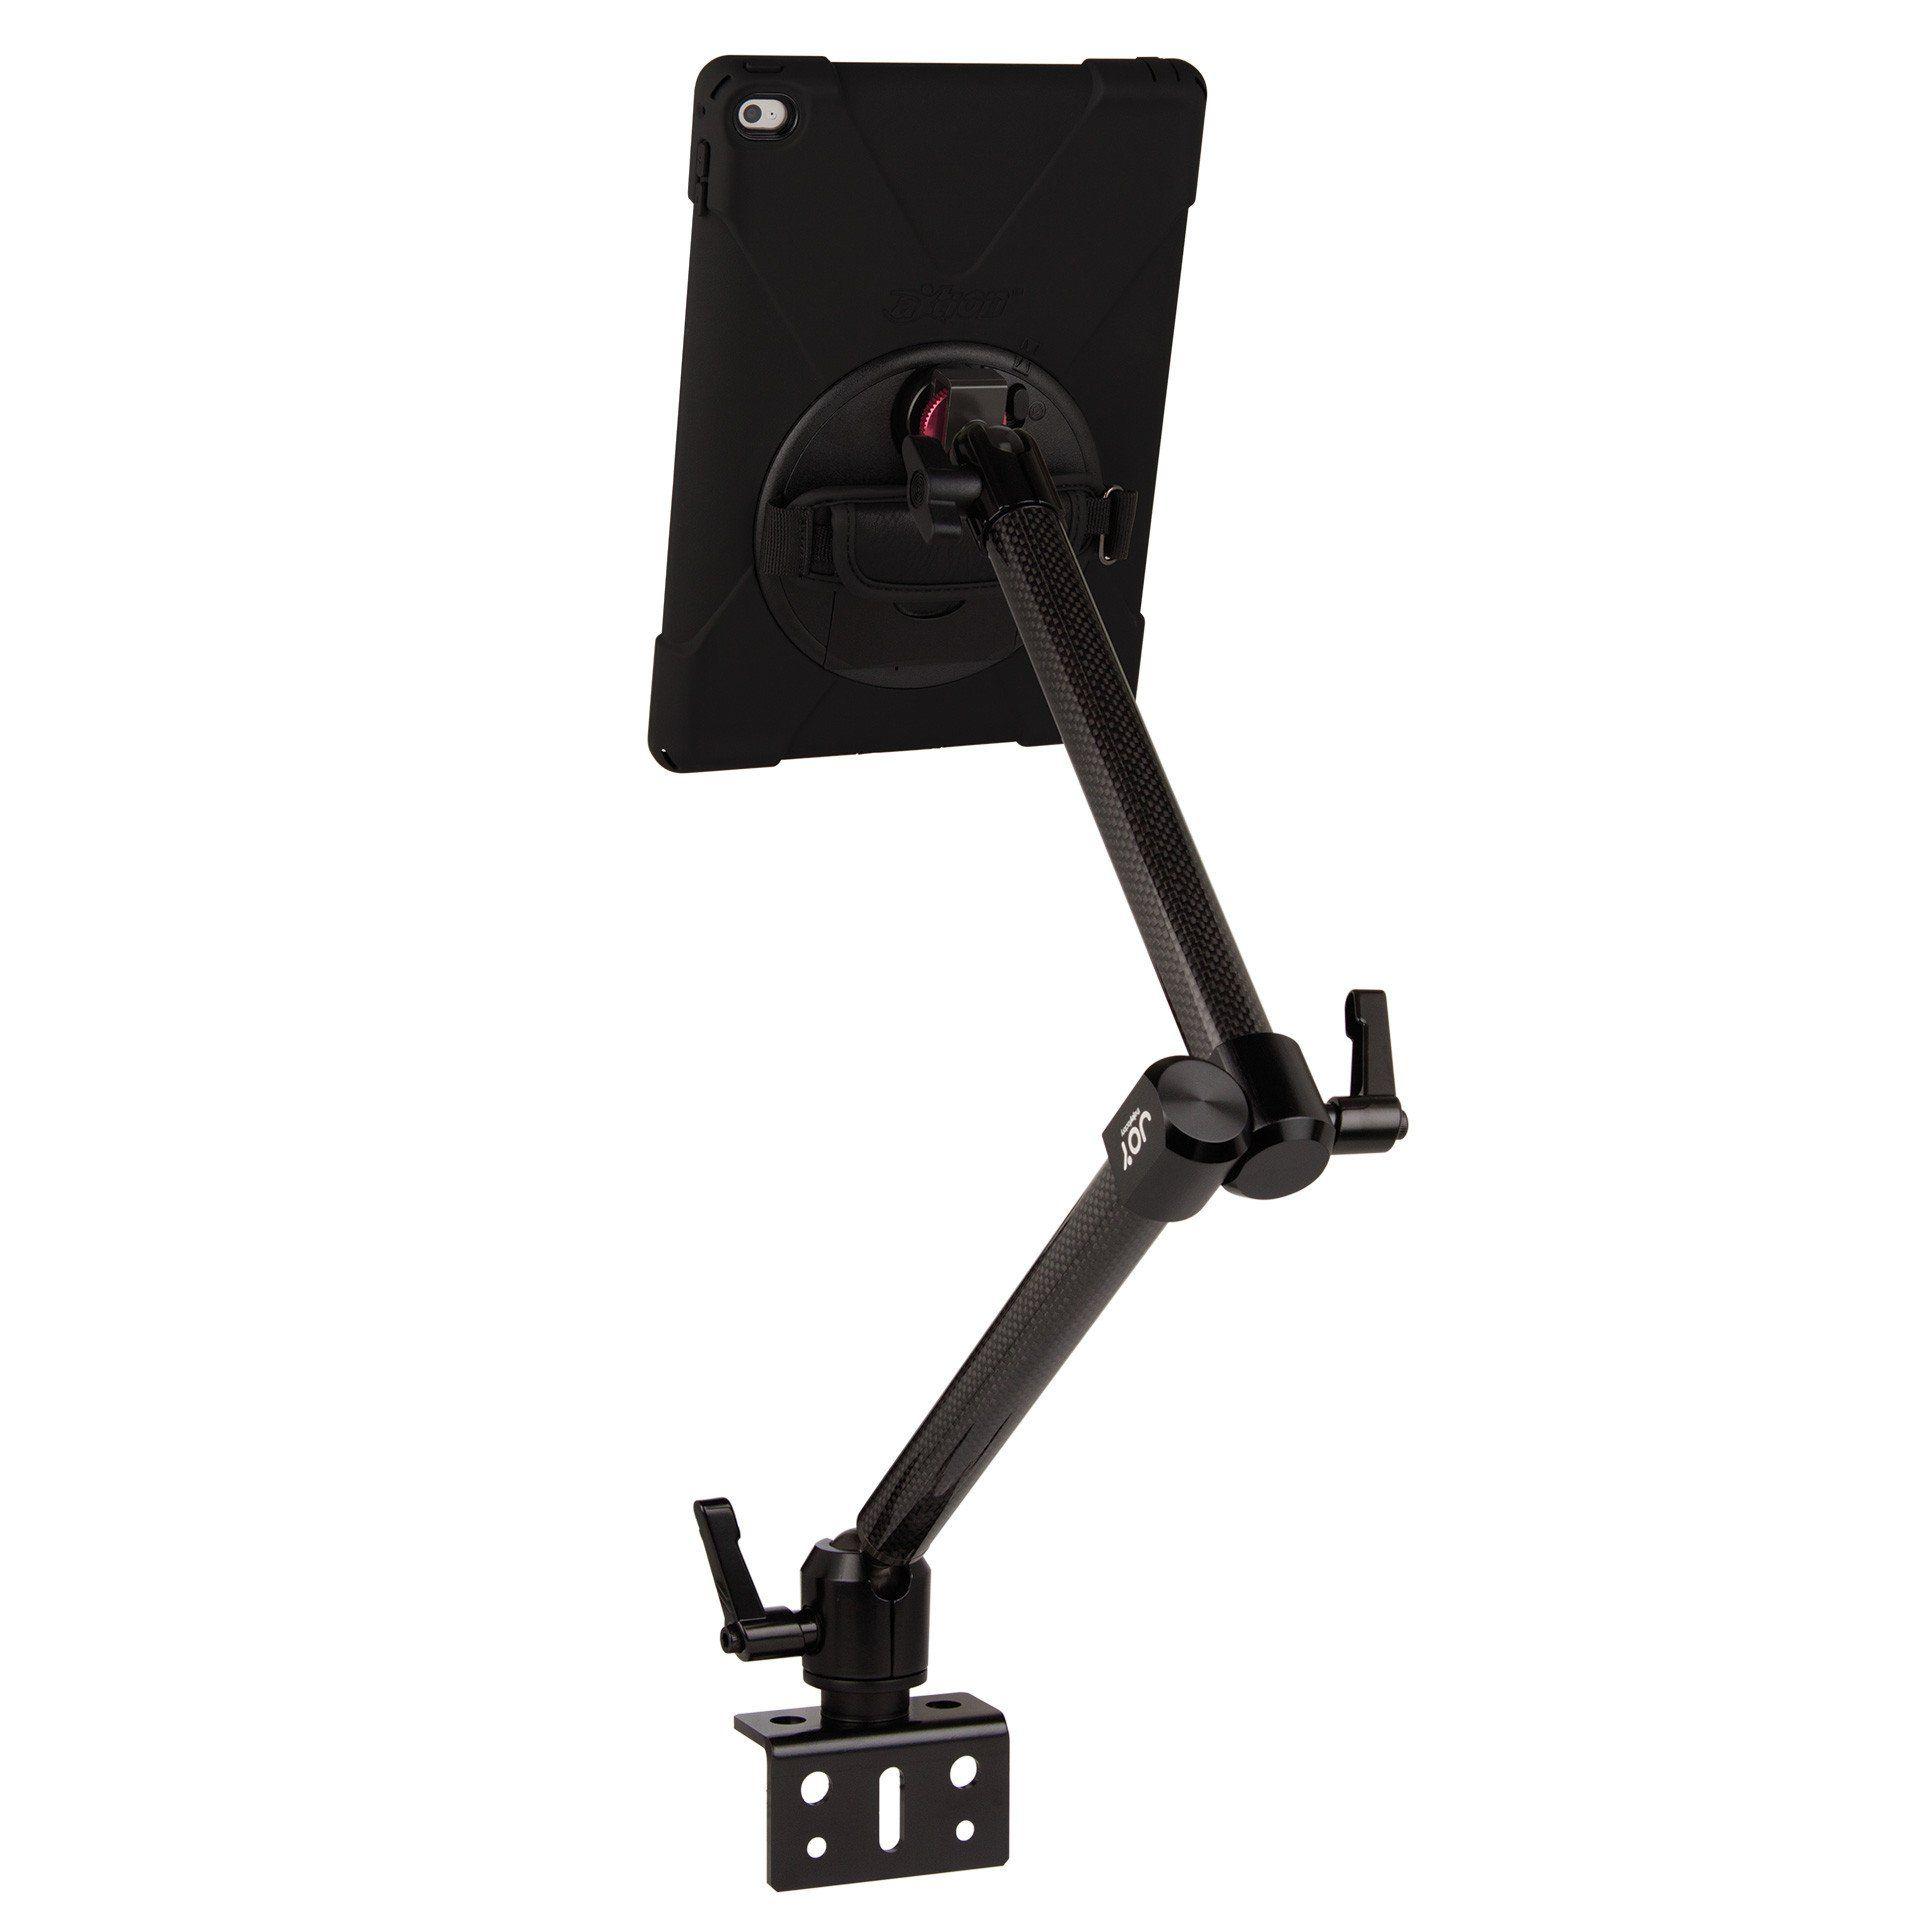 Magconnect bold mp wheelchair rail mount for ipad air ipad air